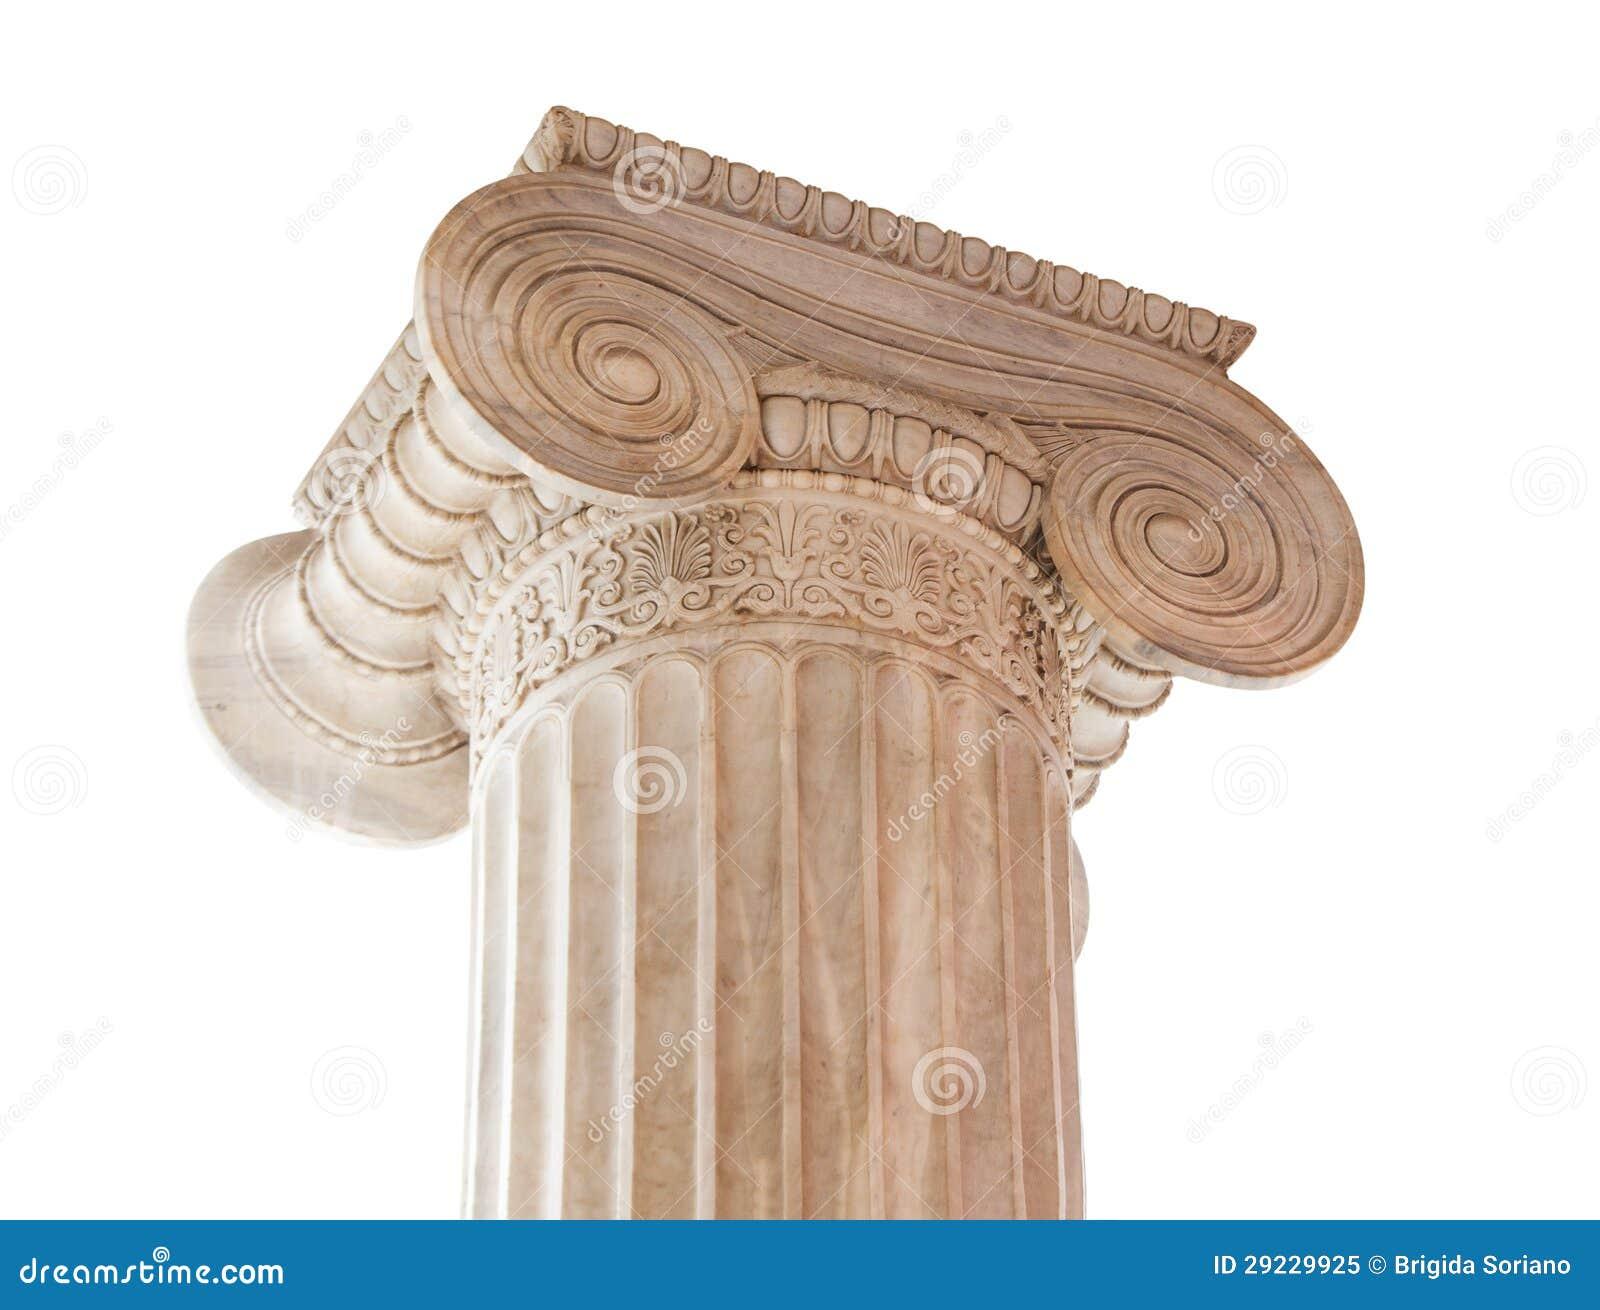 Download Capital de coluna iónico imagem de stock. Imagem de arquitetura - 29229925